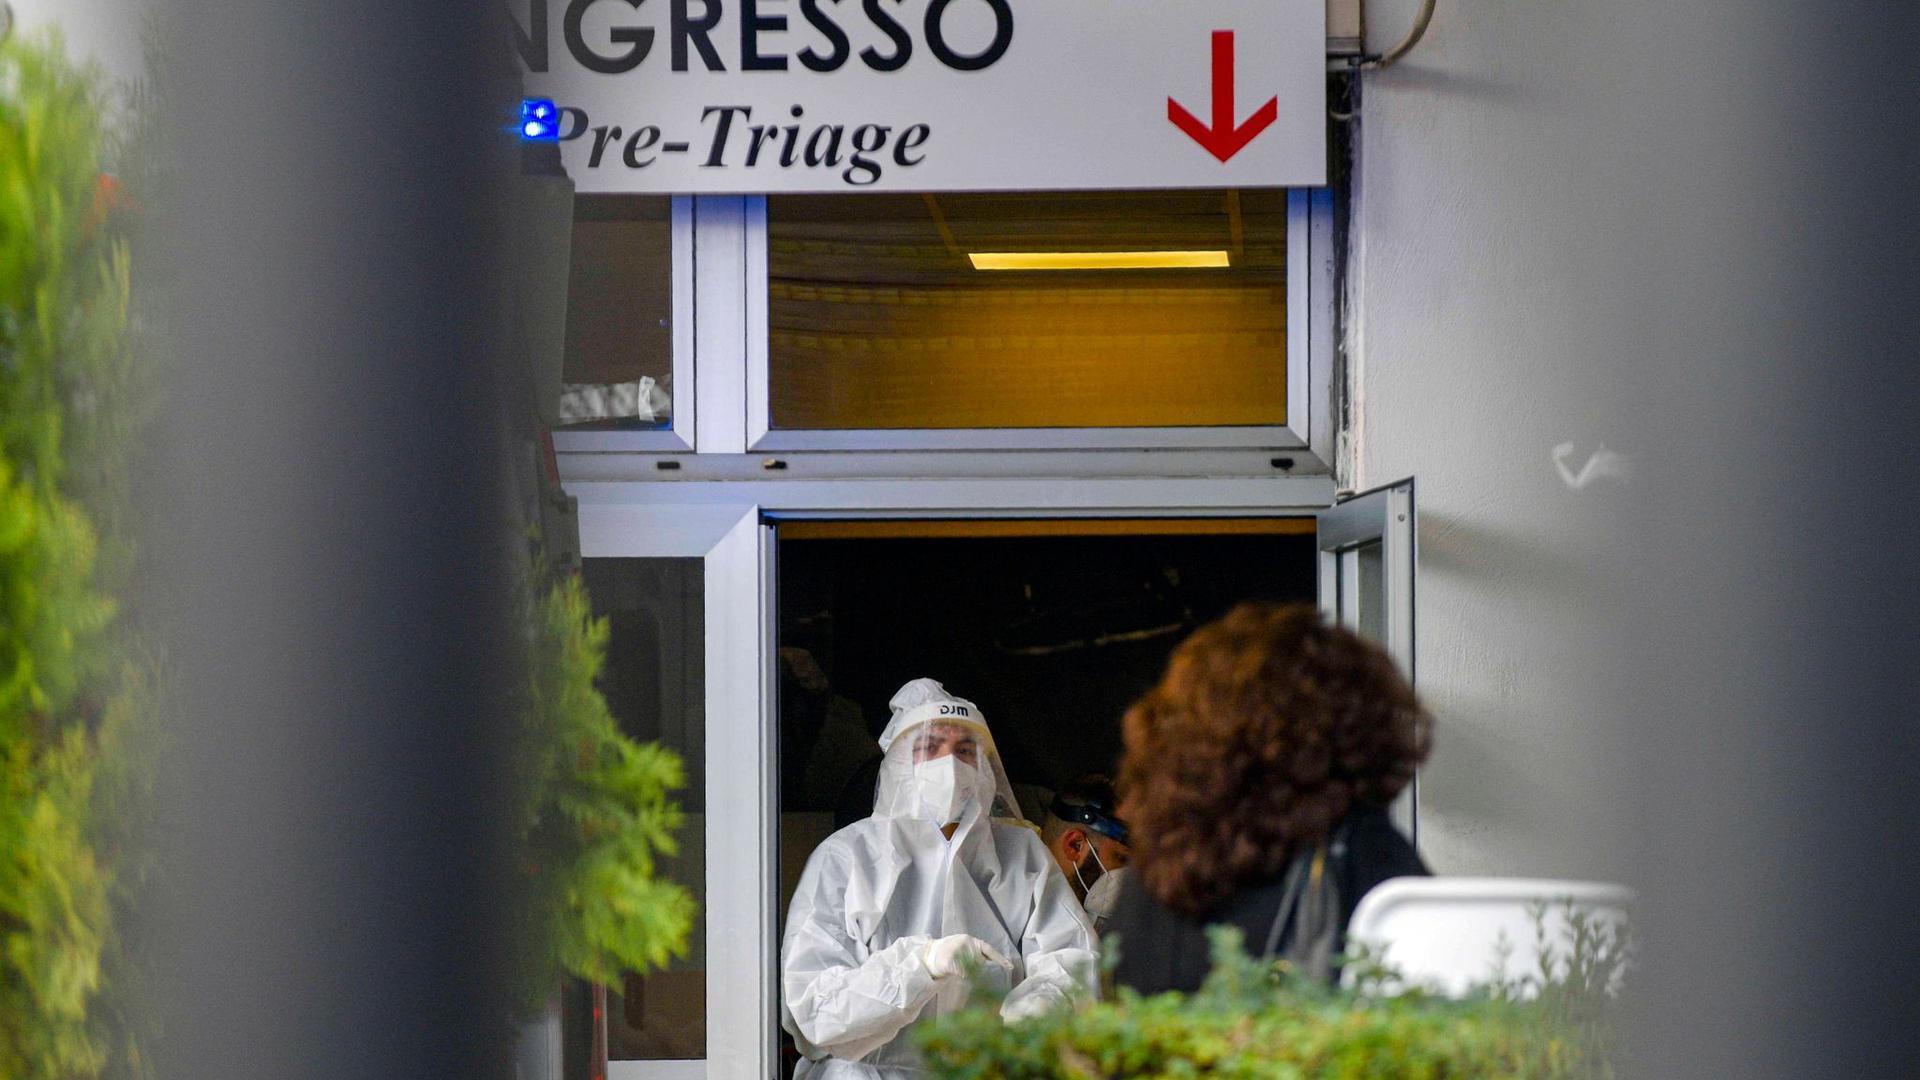 Medizinisches Personal in Schutzkleidung steht in der Notaufnahme des Cardarelli-Krankenhauses in Neapel an der Triage-Einteilung.